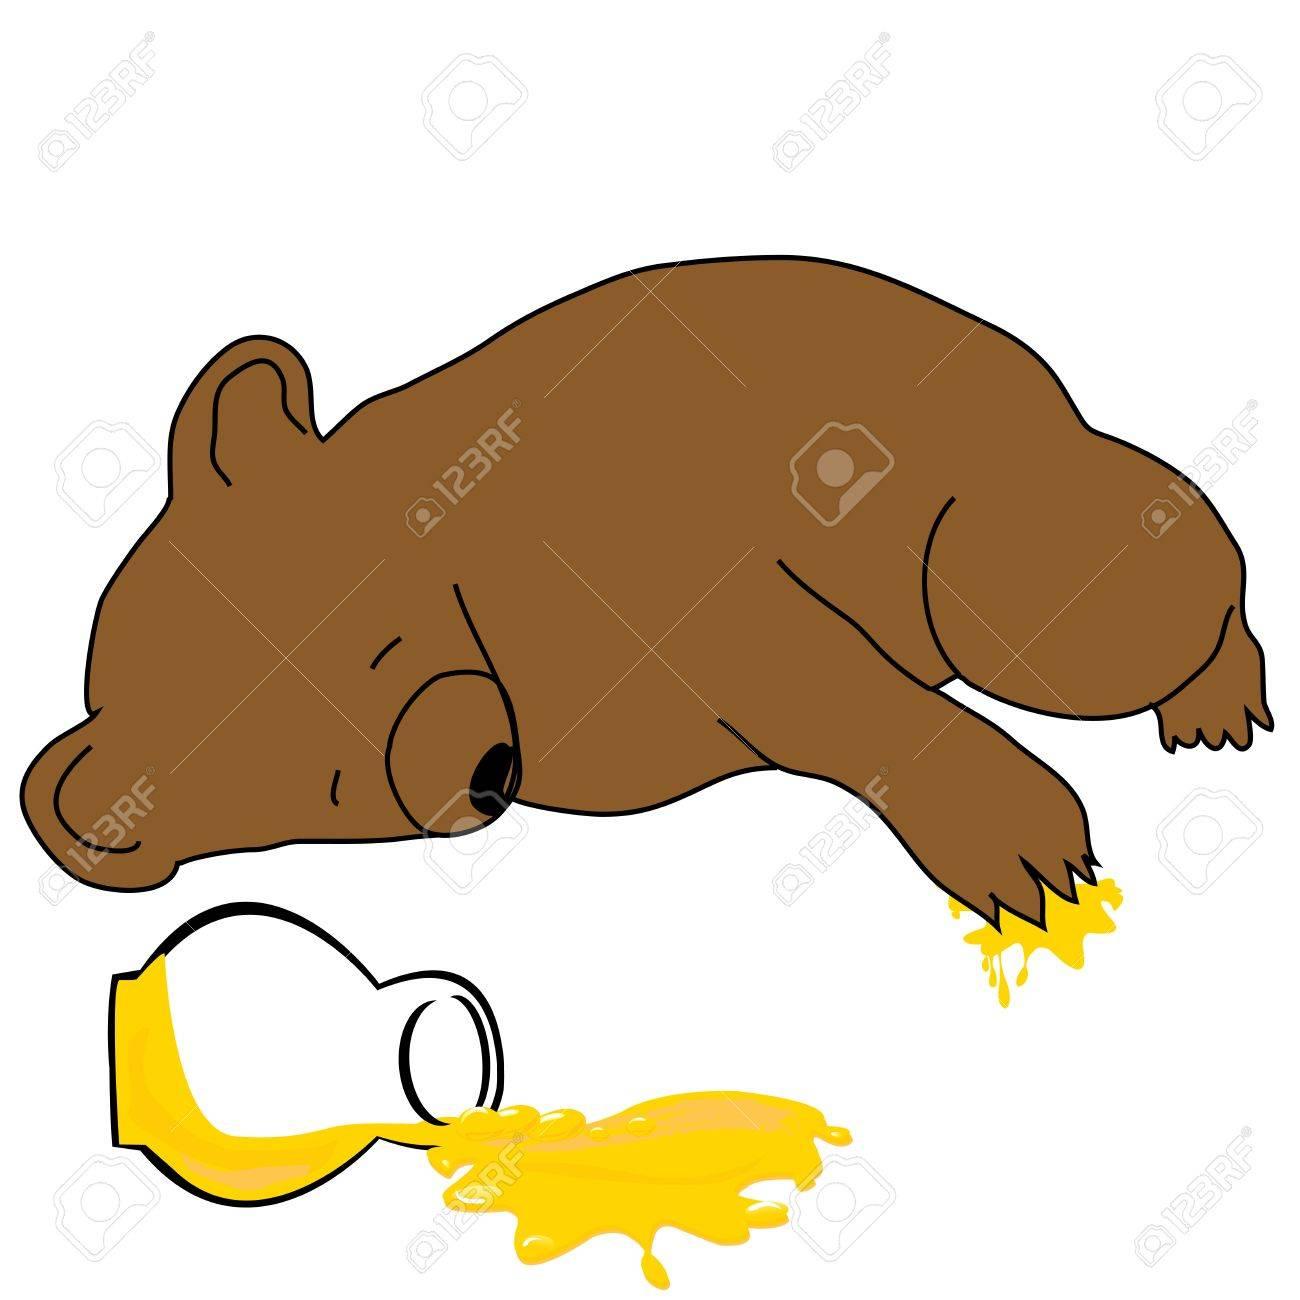 Bear sleeping. Sleepy clipart free download